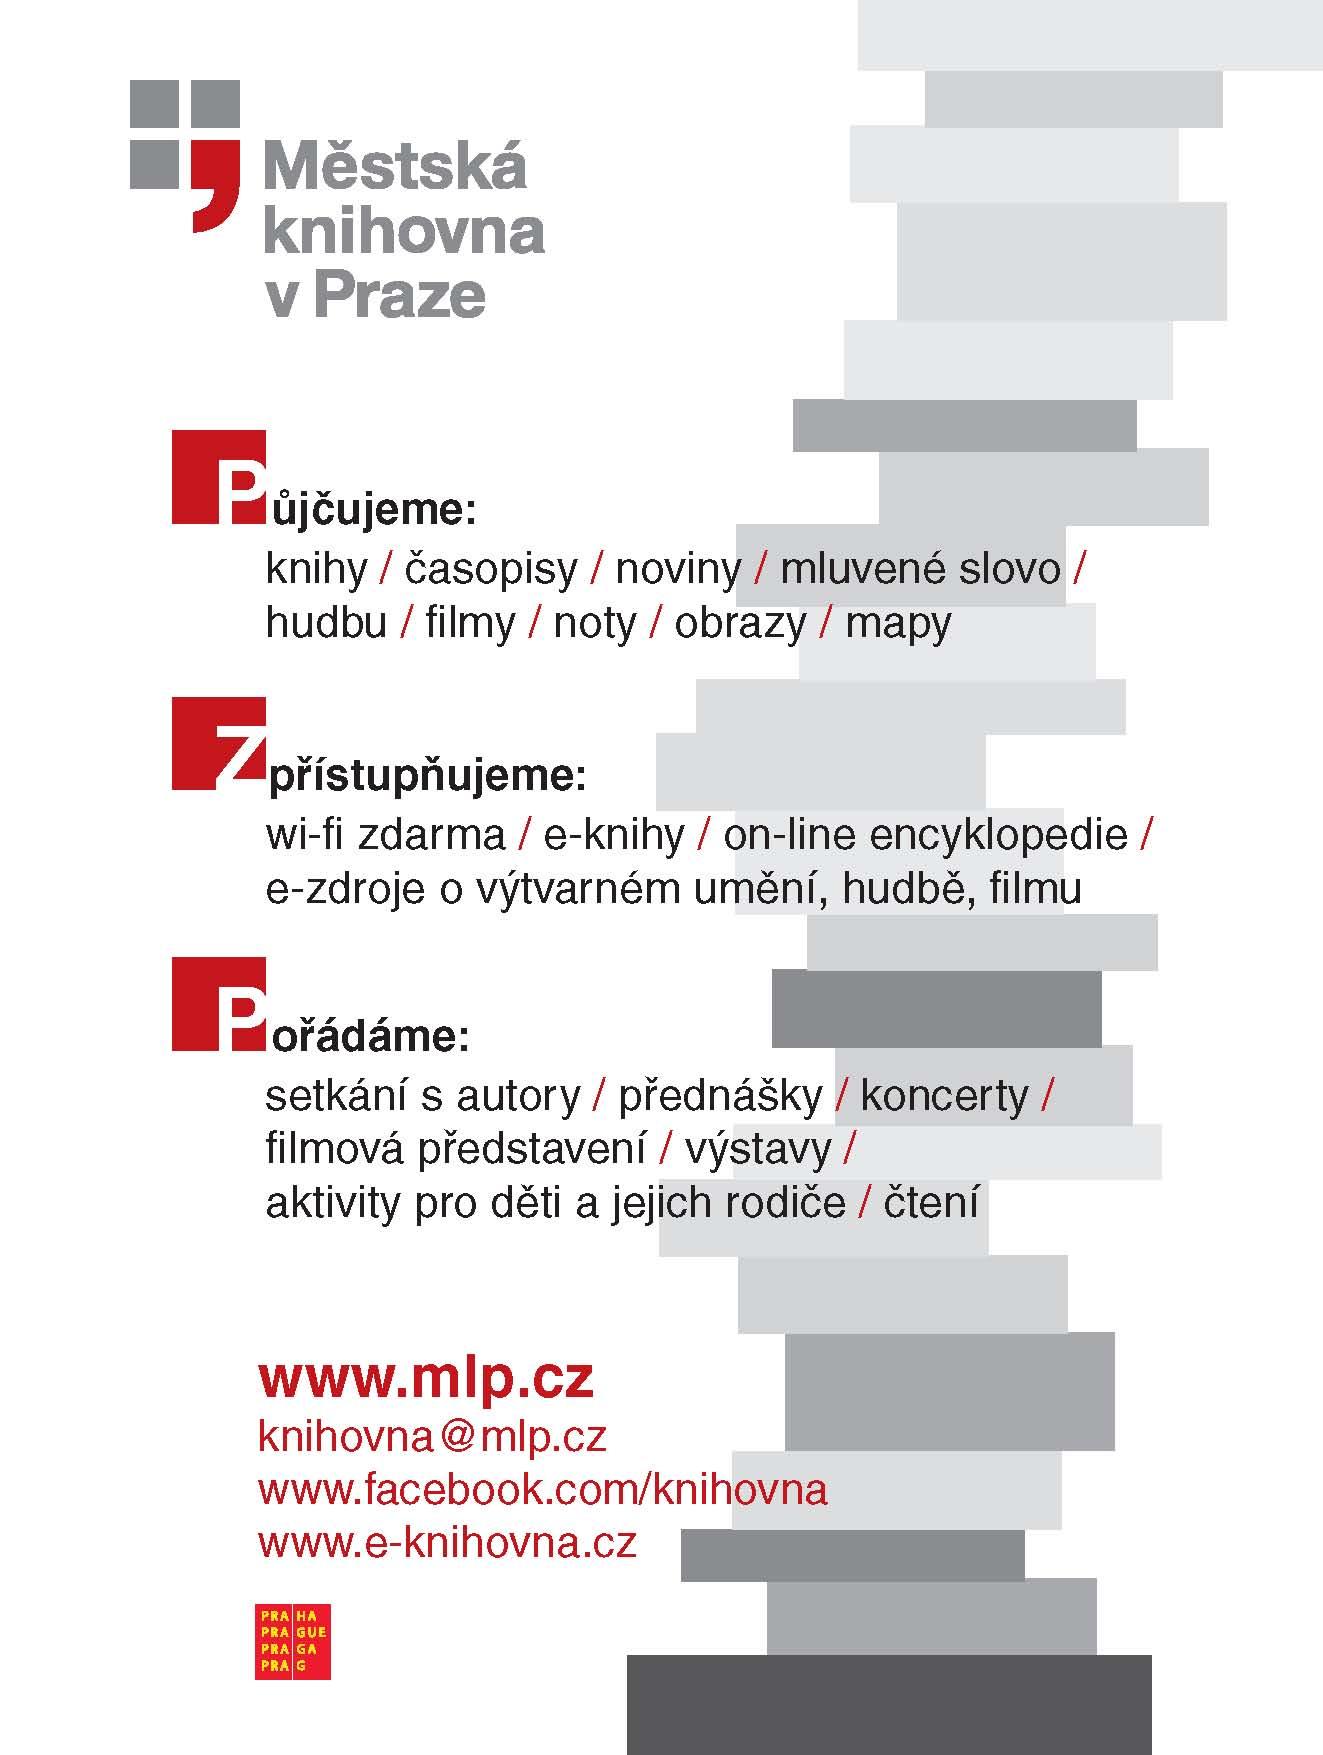 S. Čech - Nový epochální výlet pana Broučka 9d38985201